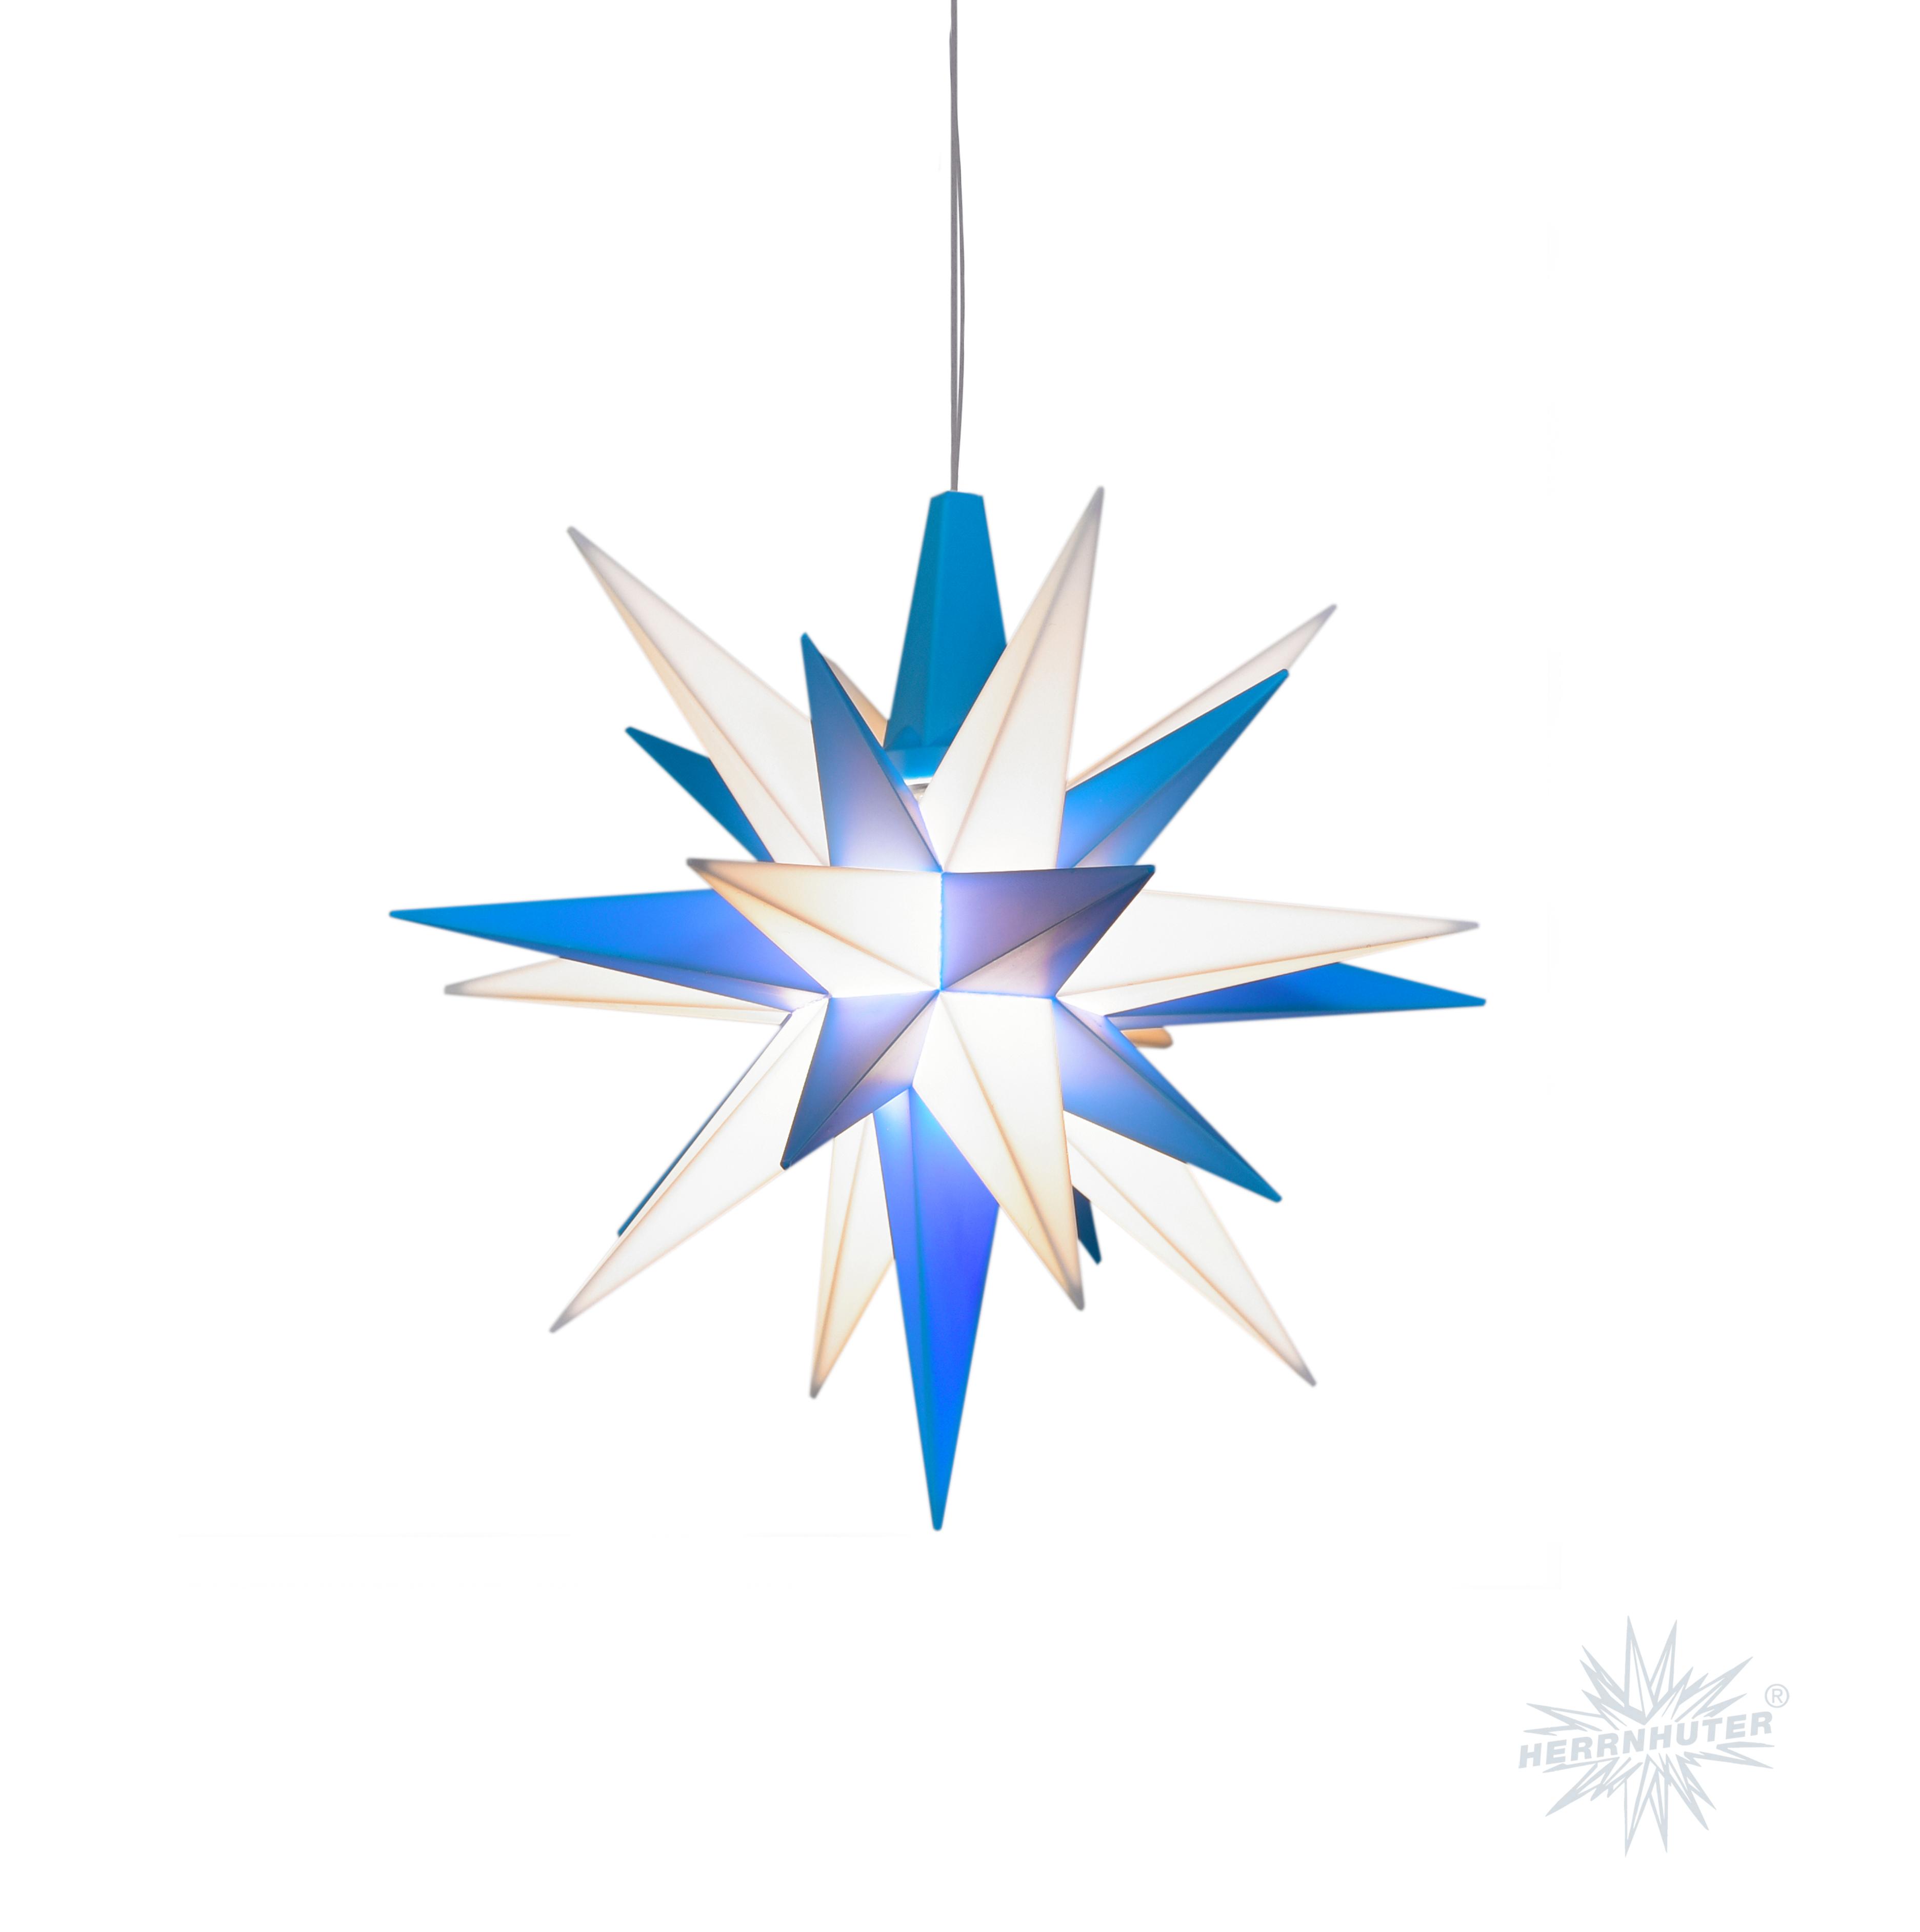 herrnhuter stern kunststoff 13cm blau wei inkl led erzgebirgskunst shop. Black Bedroom Furniture Sets. Home Design Ideas